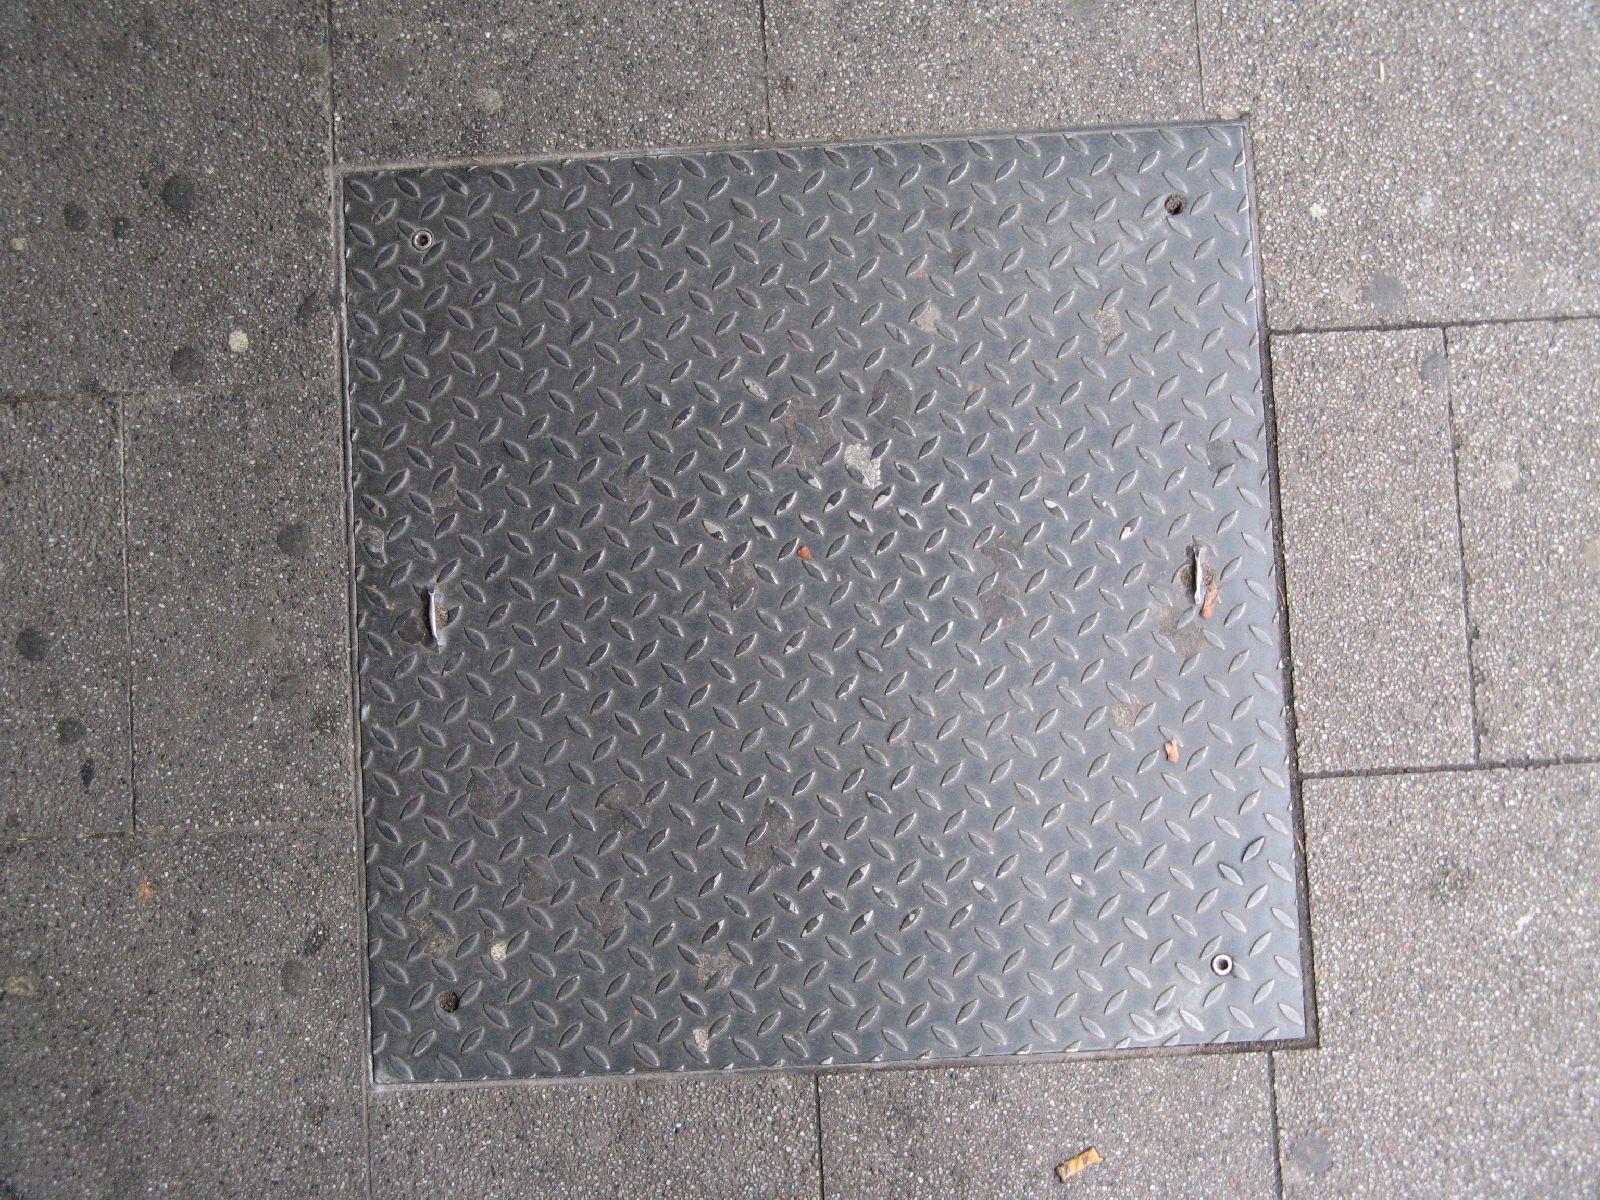 Boden-Strassenelemente_Textur_B_2158